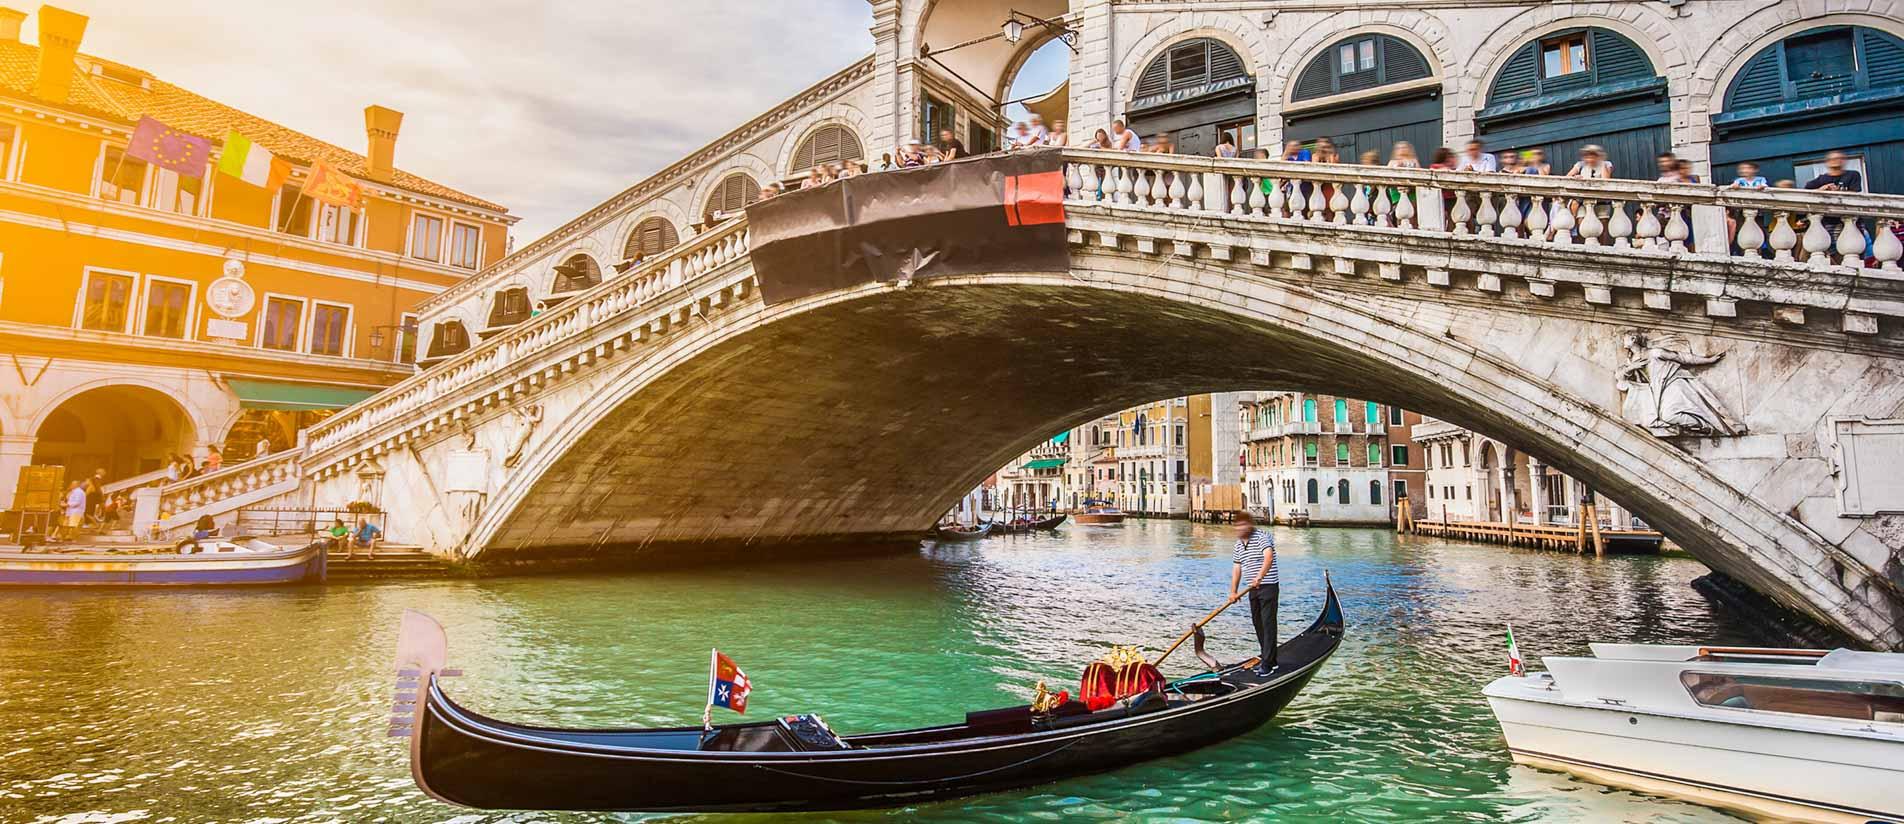 Иммиграция в Италию из России: доступные способы, отзывы переехавших